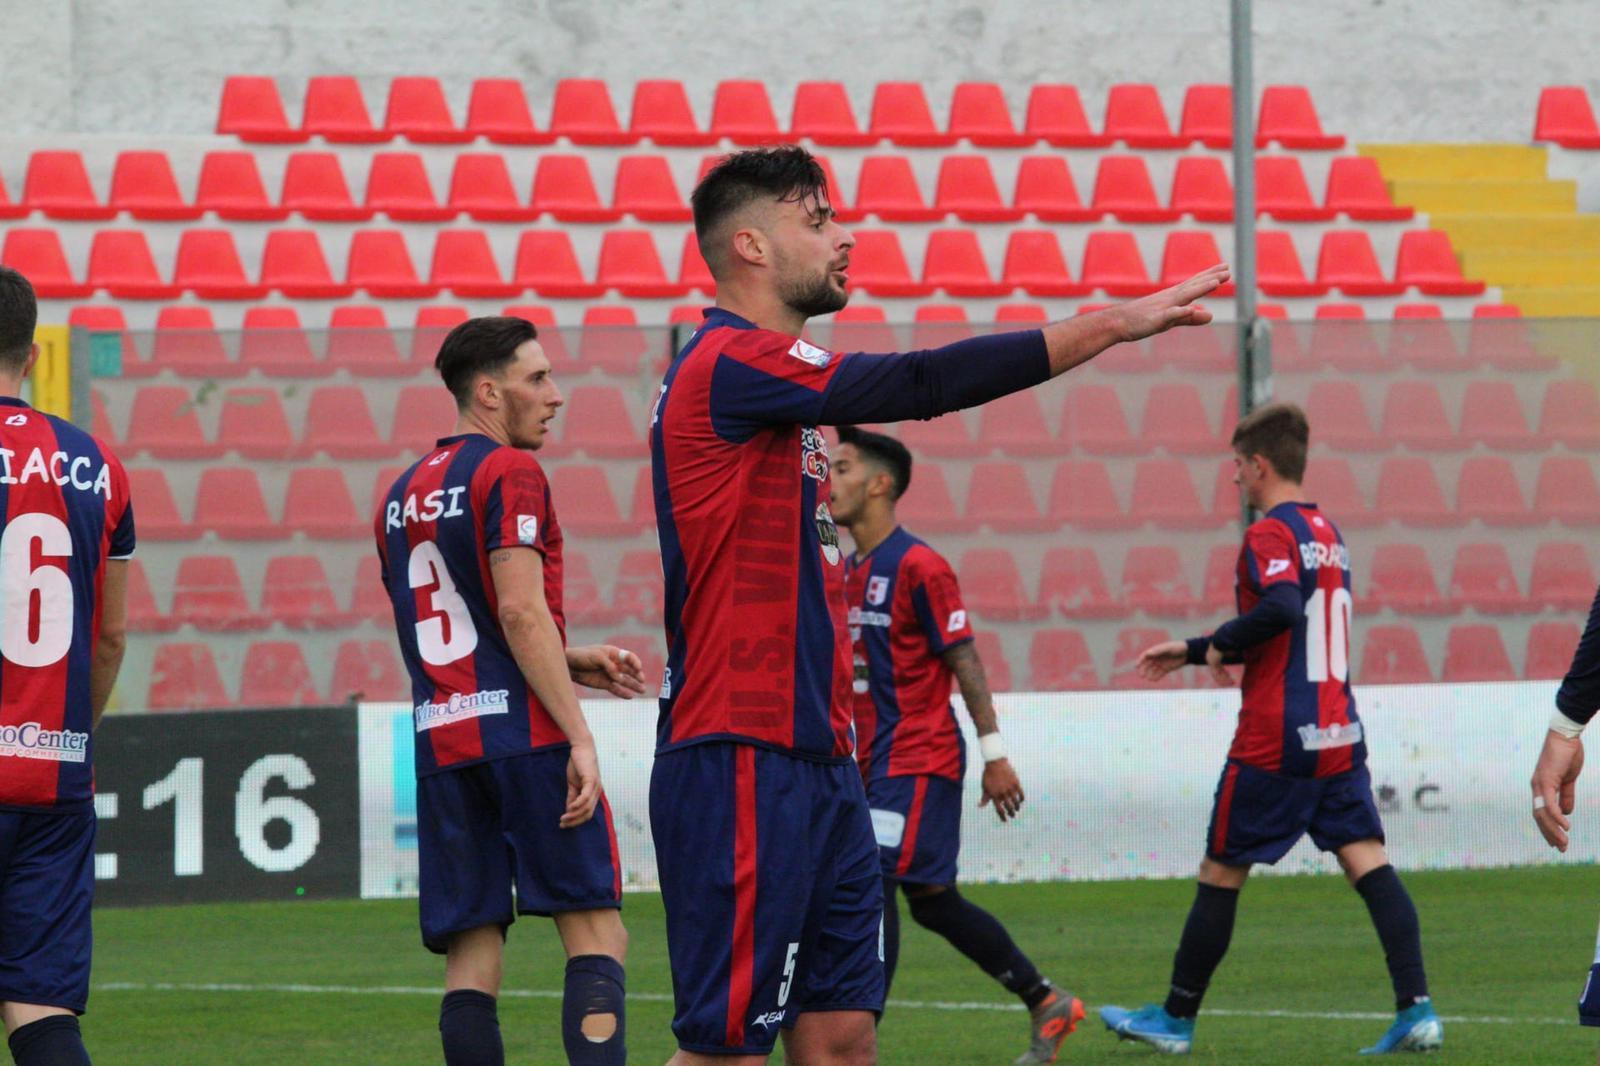 AVELLINO - VIBONESE 1-0 | Il tabellino del match immagine 16682 US Vibonese Calcio